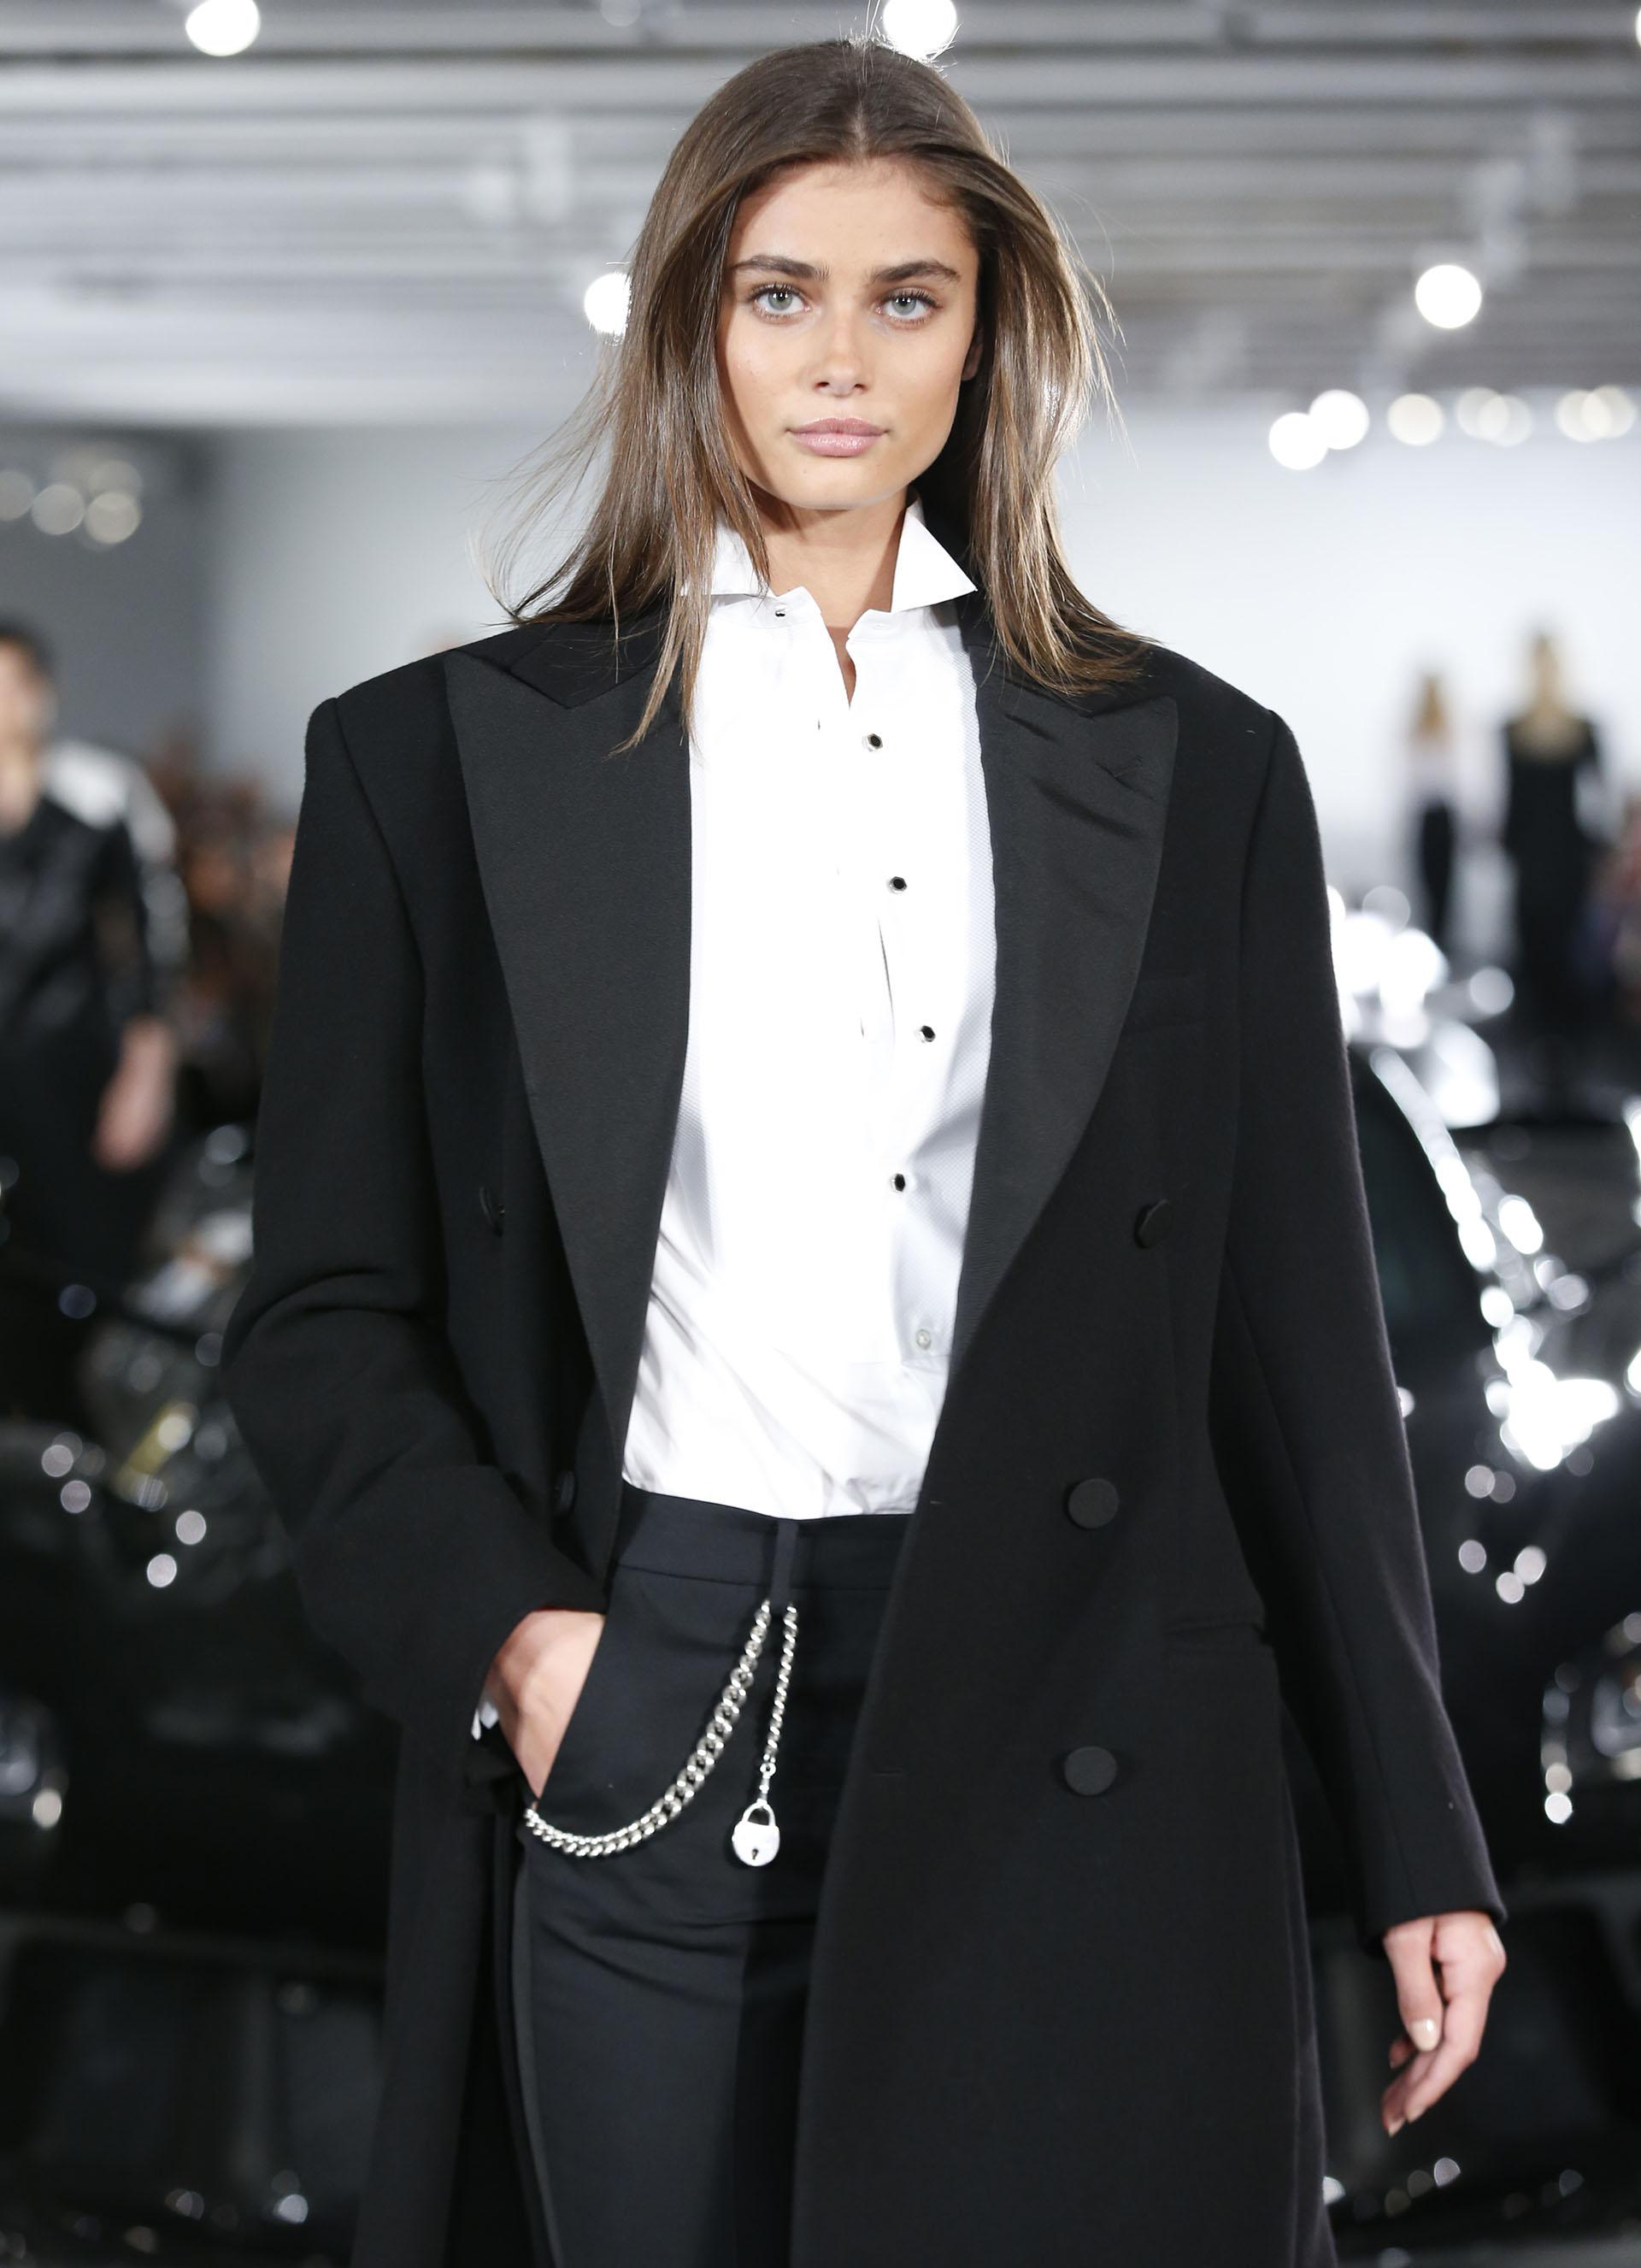 La top model Taylor Hill se lució en la pasarela con un sobretodo sastrero de grandes solapas y botones forrados junto a un pantalón pitillo con presillas y camisa blanca con microbotones negros (AP Photo/Kathy Willens)